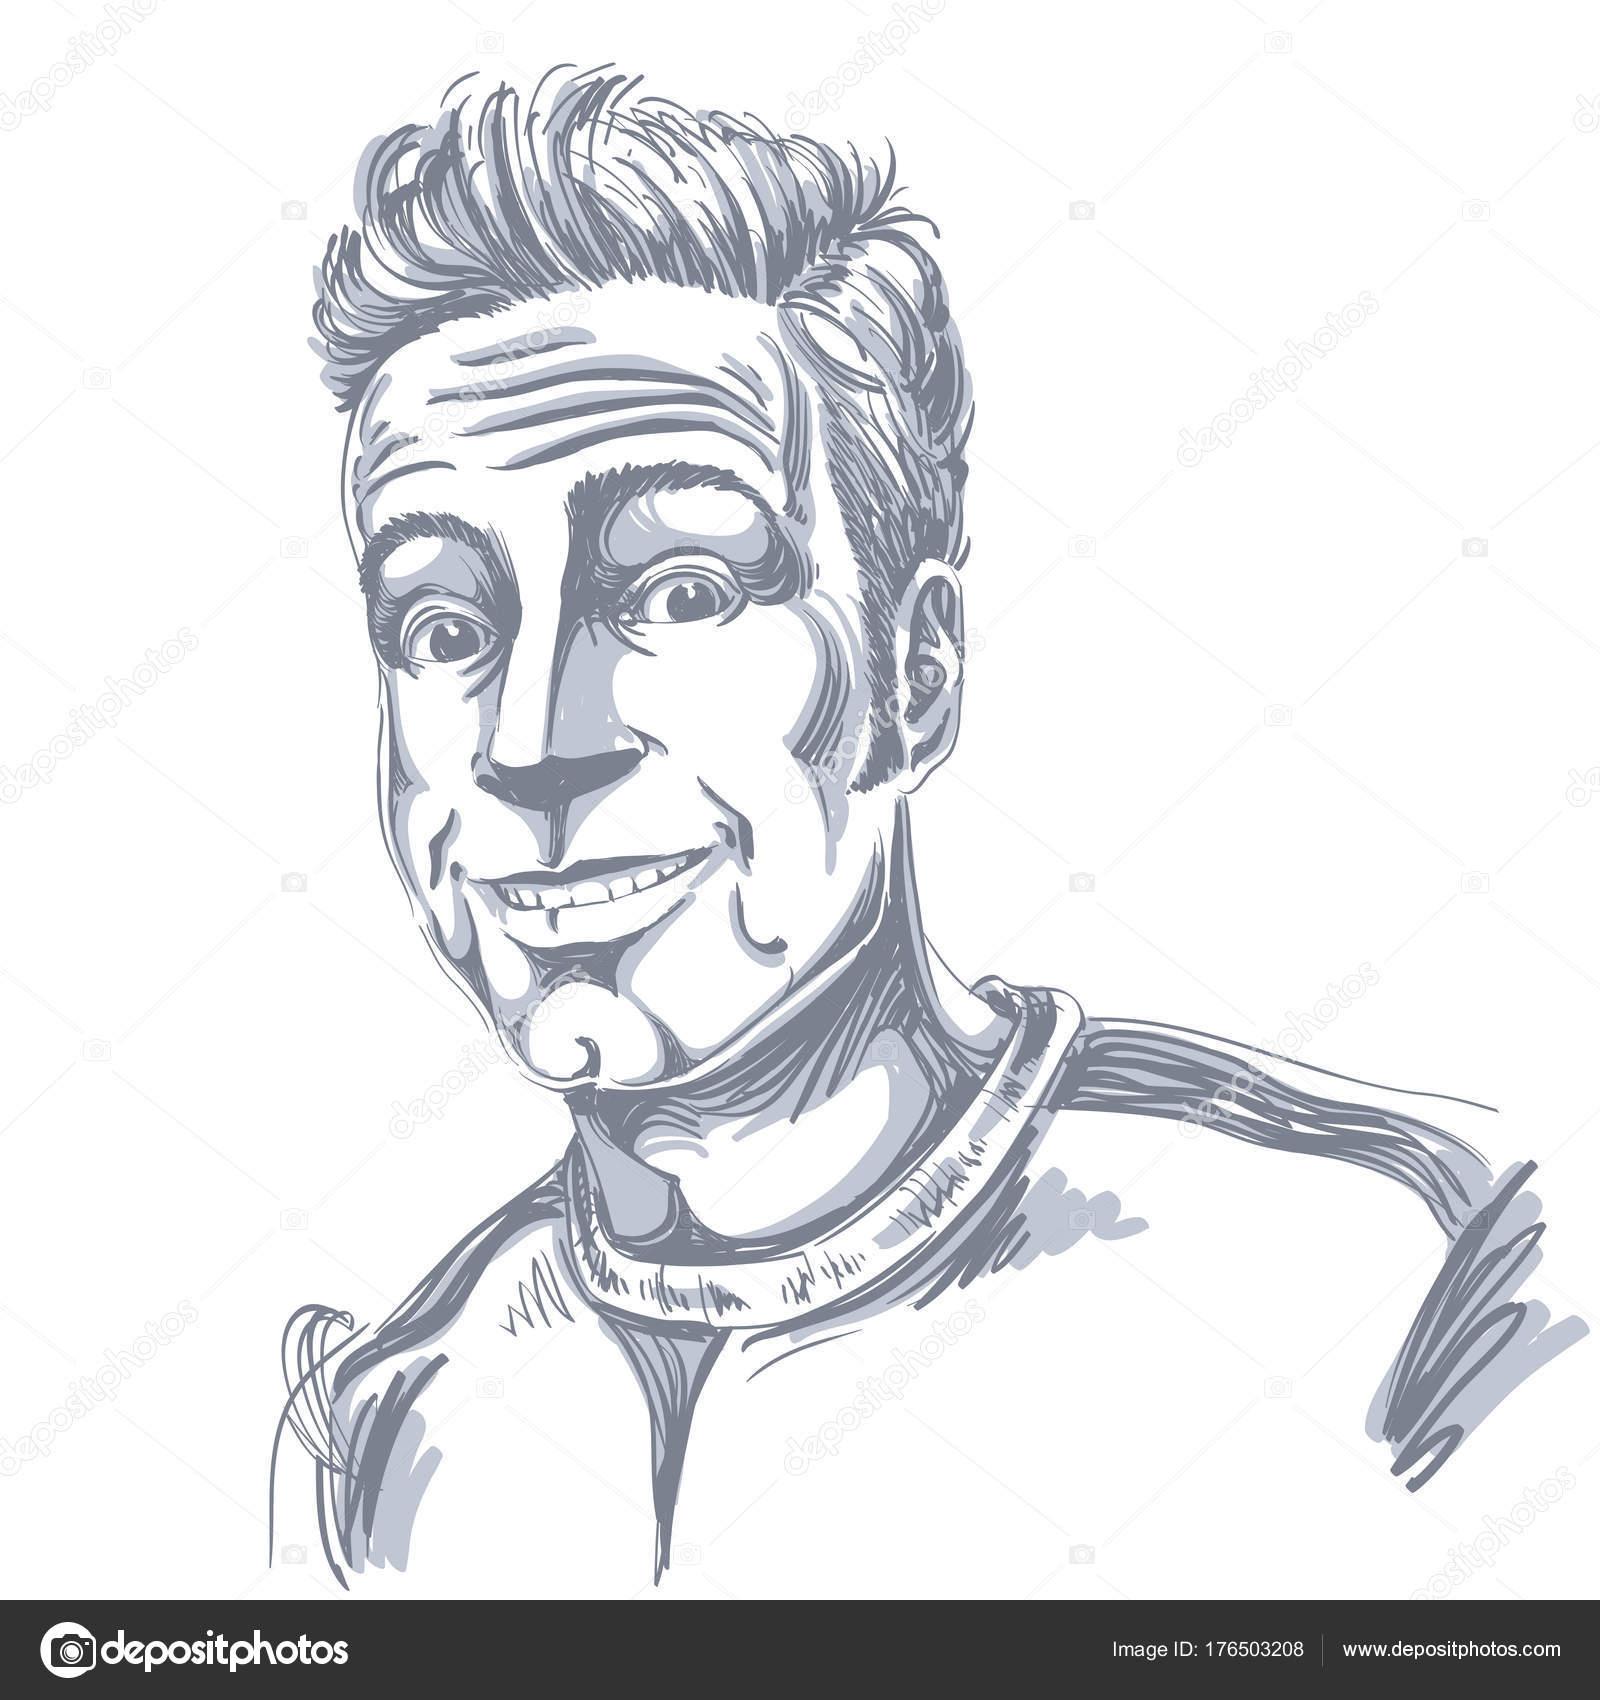 自信を持って男性を笑顔のベクトルの手描きイラスト 陽気な男の顔を表現